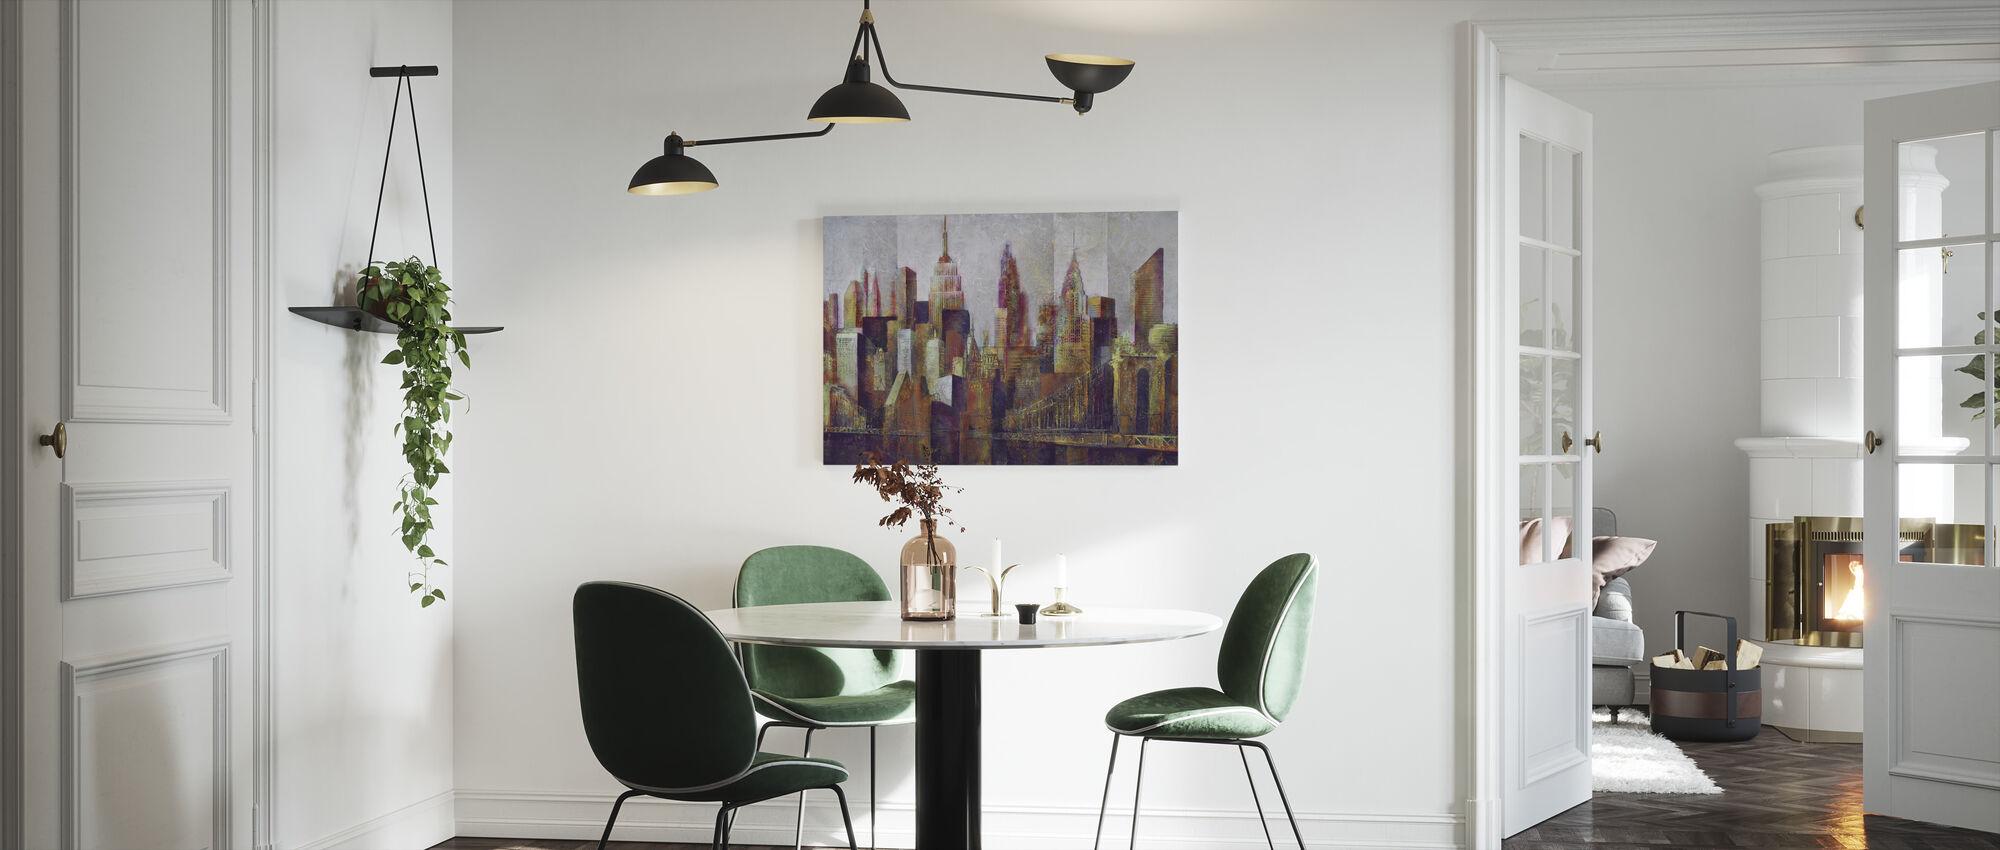 New York Skyline Art - Canvastavla - Kök